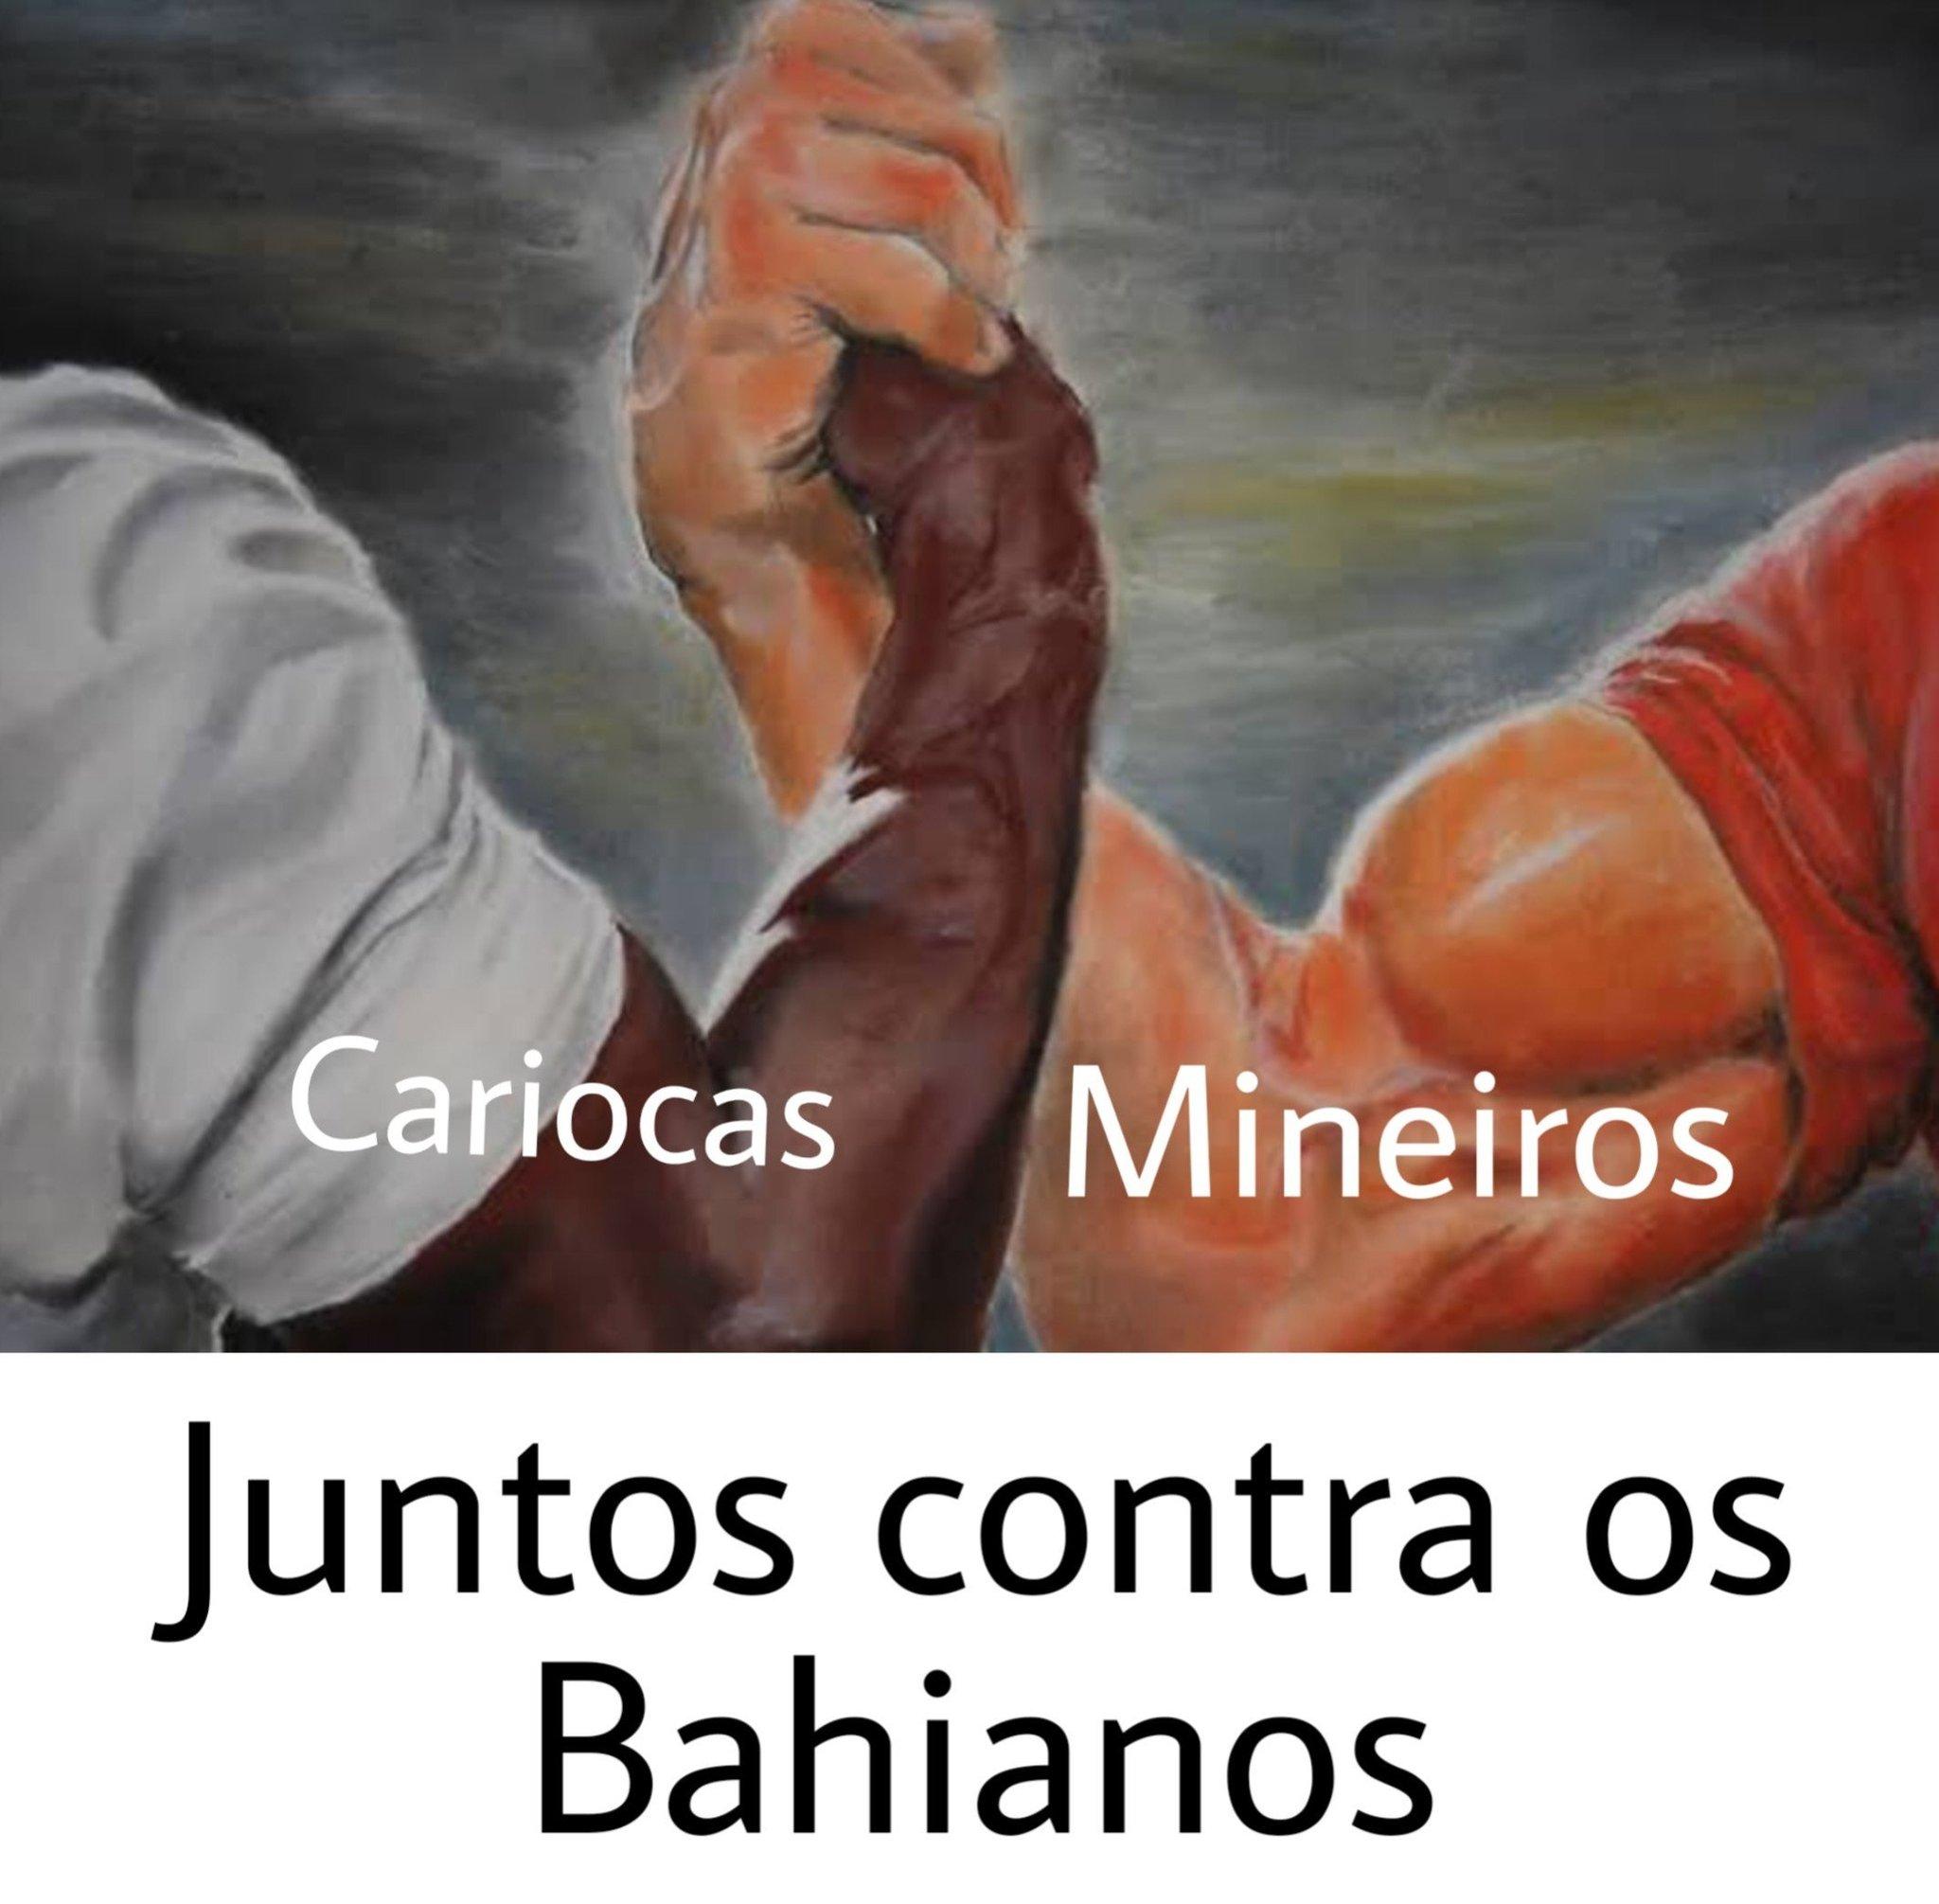 Bahiano nem é gente - meme